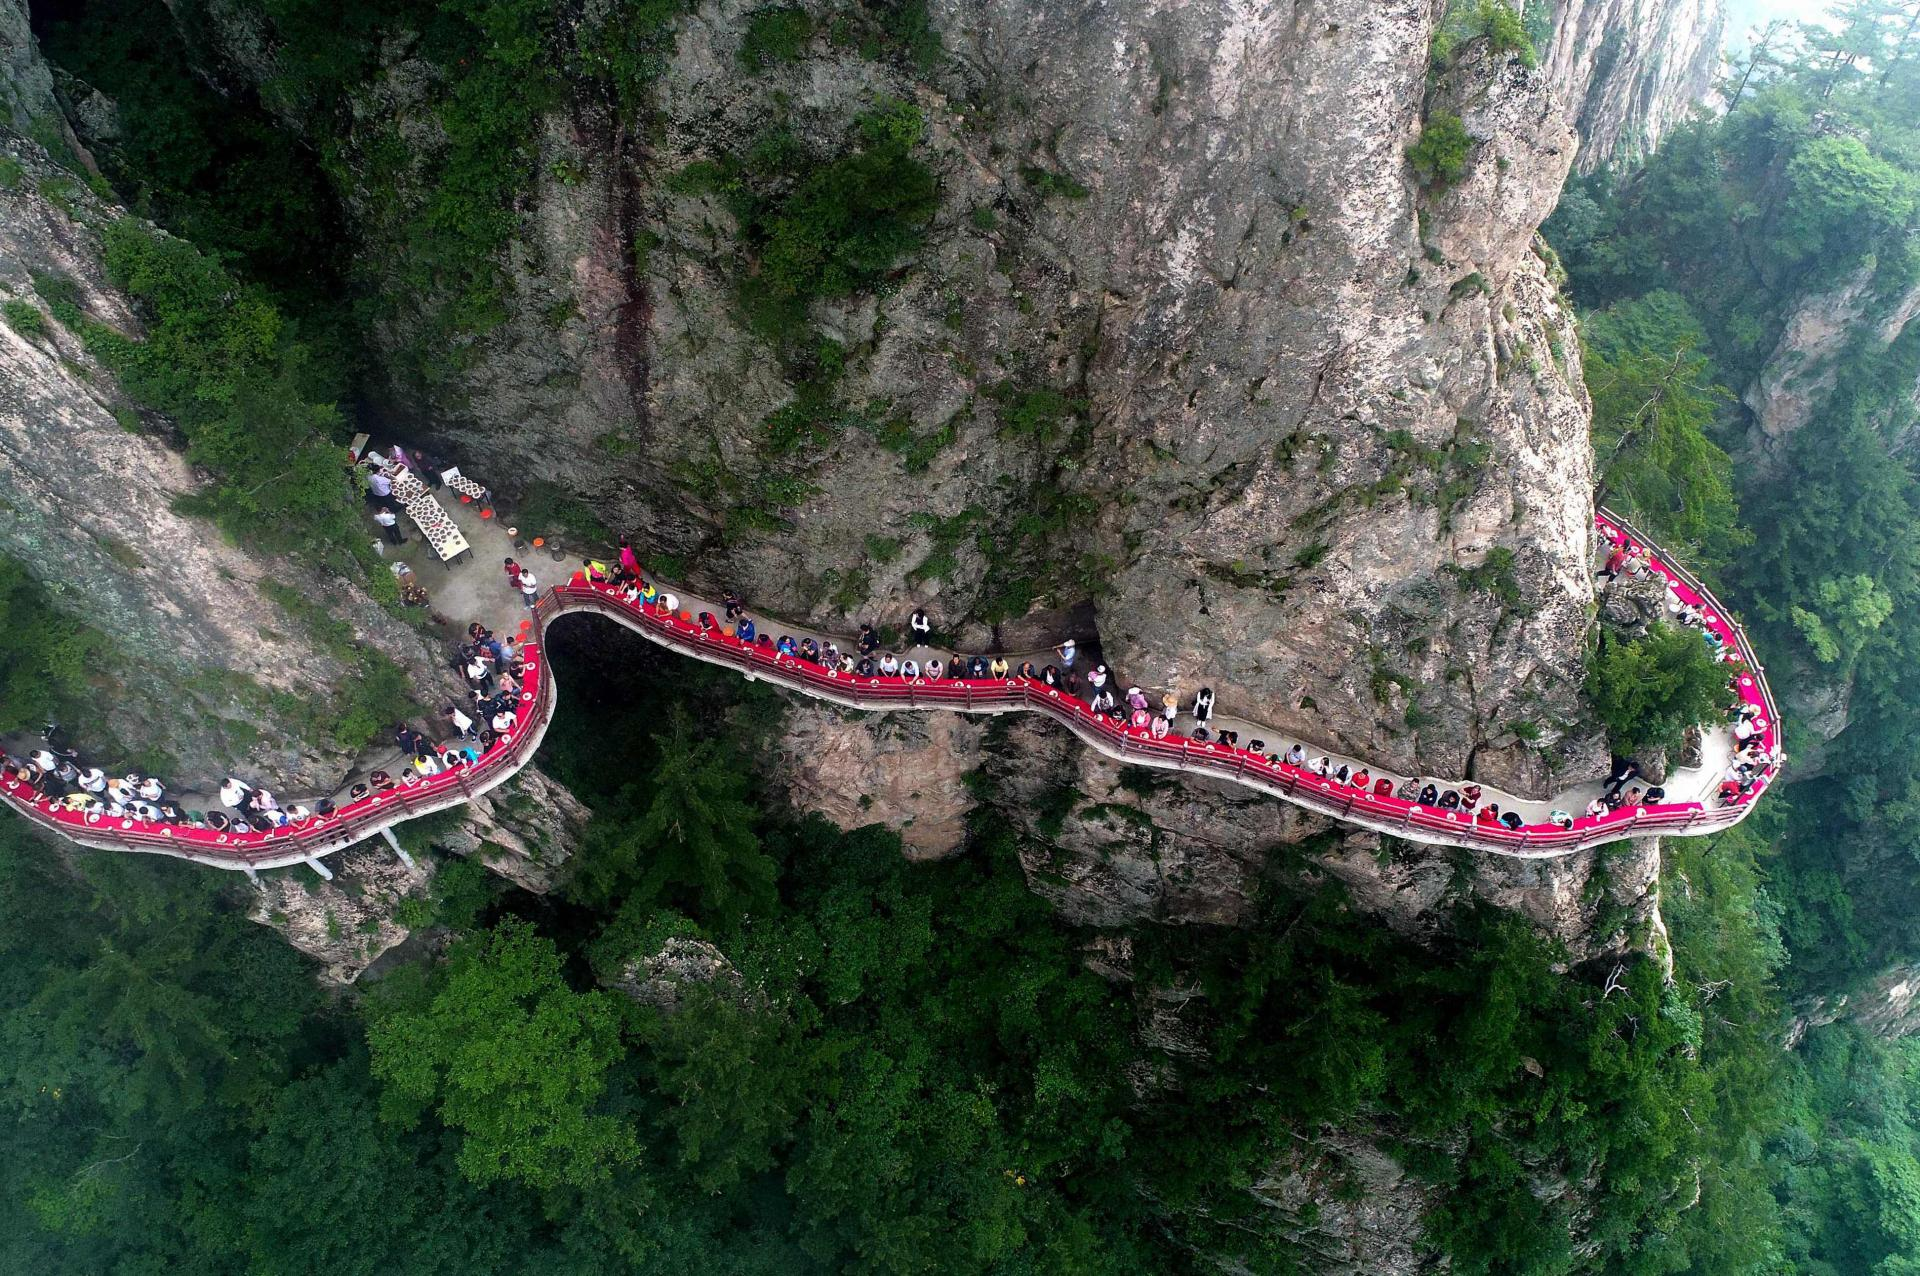 Китайский банкет на высоте 2000 метров для привлечение туристов.